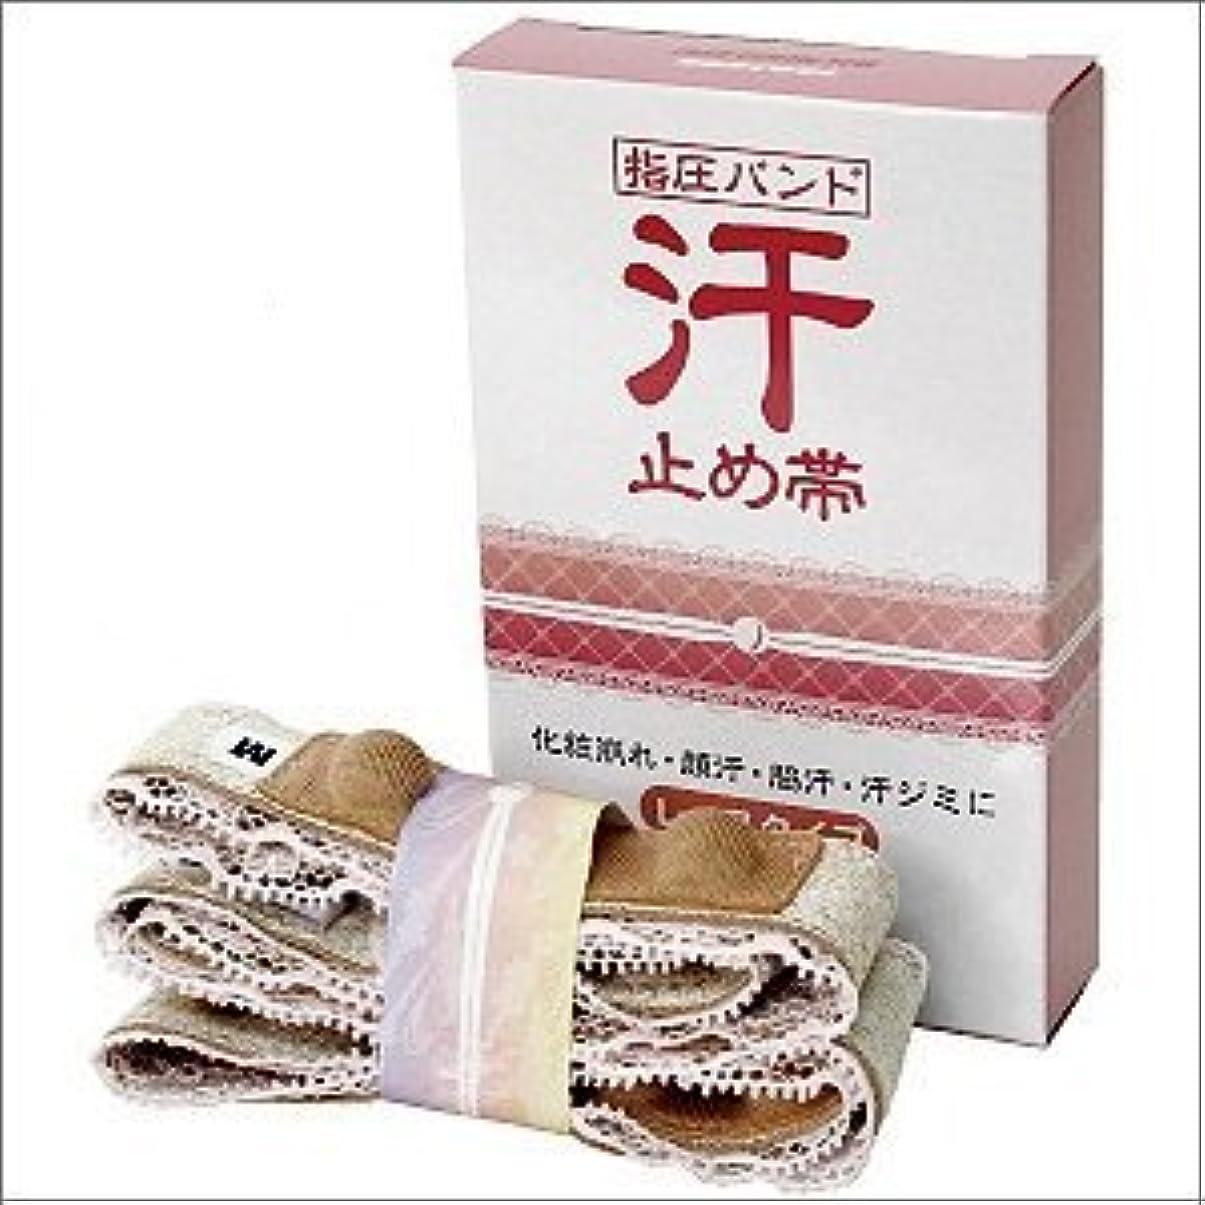 方法論ジャンル適格汗止め帯 レースタイプ (XL(1050~1150mm), ピンク)